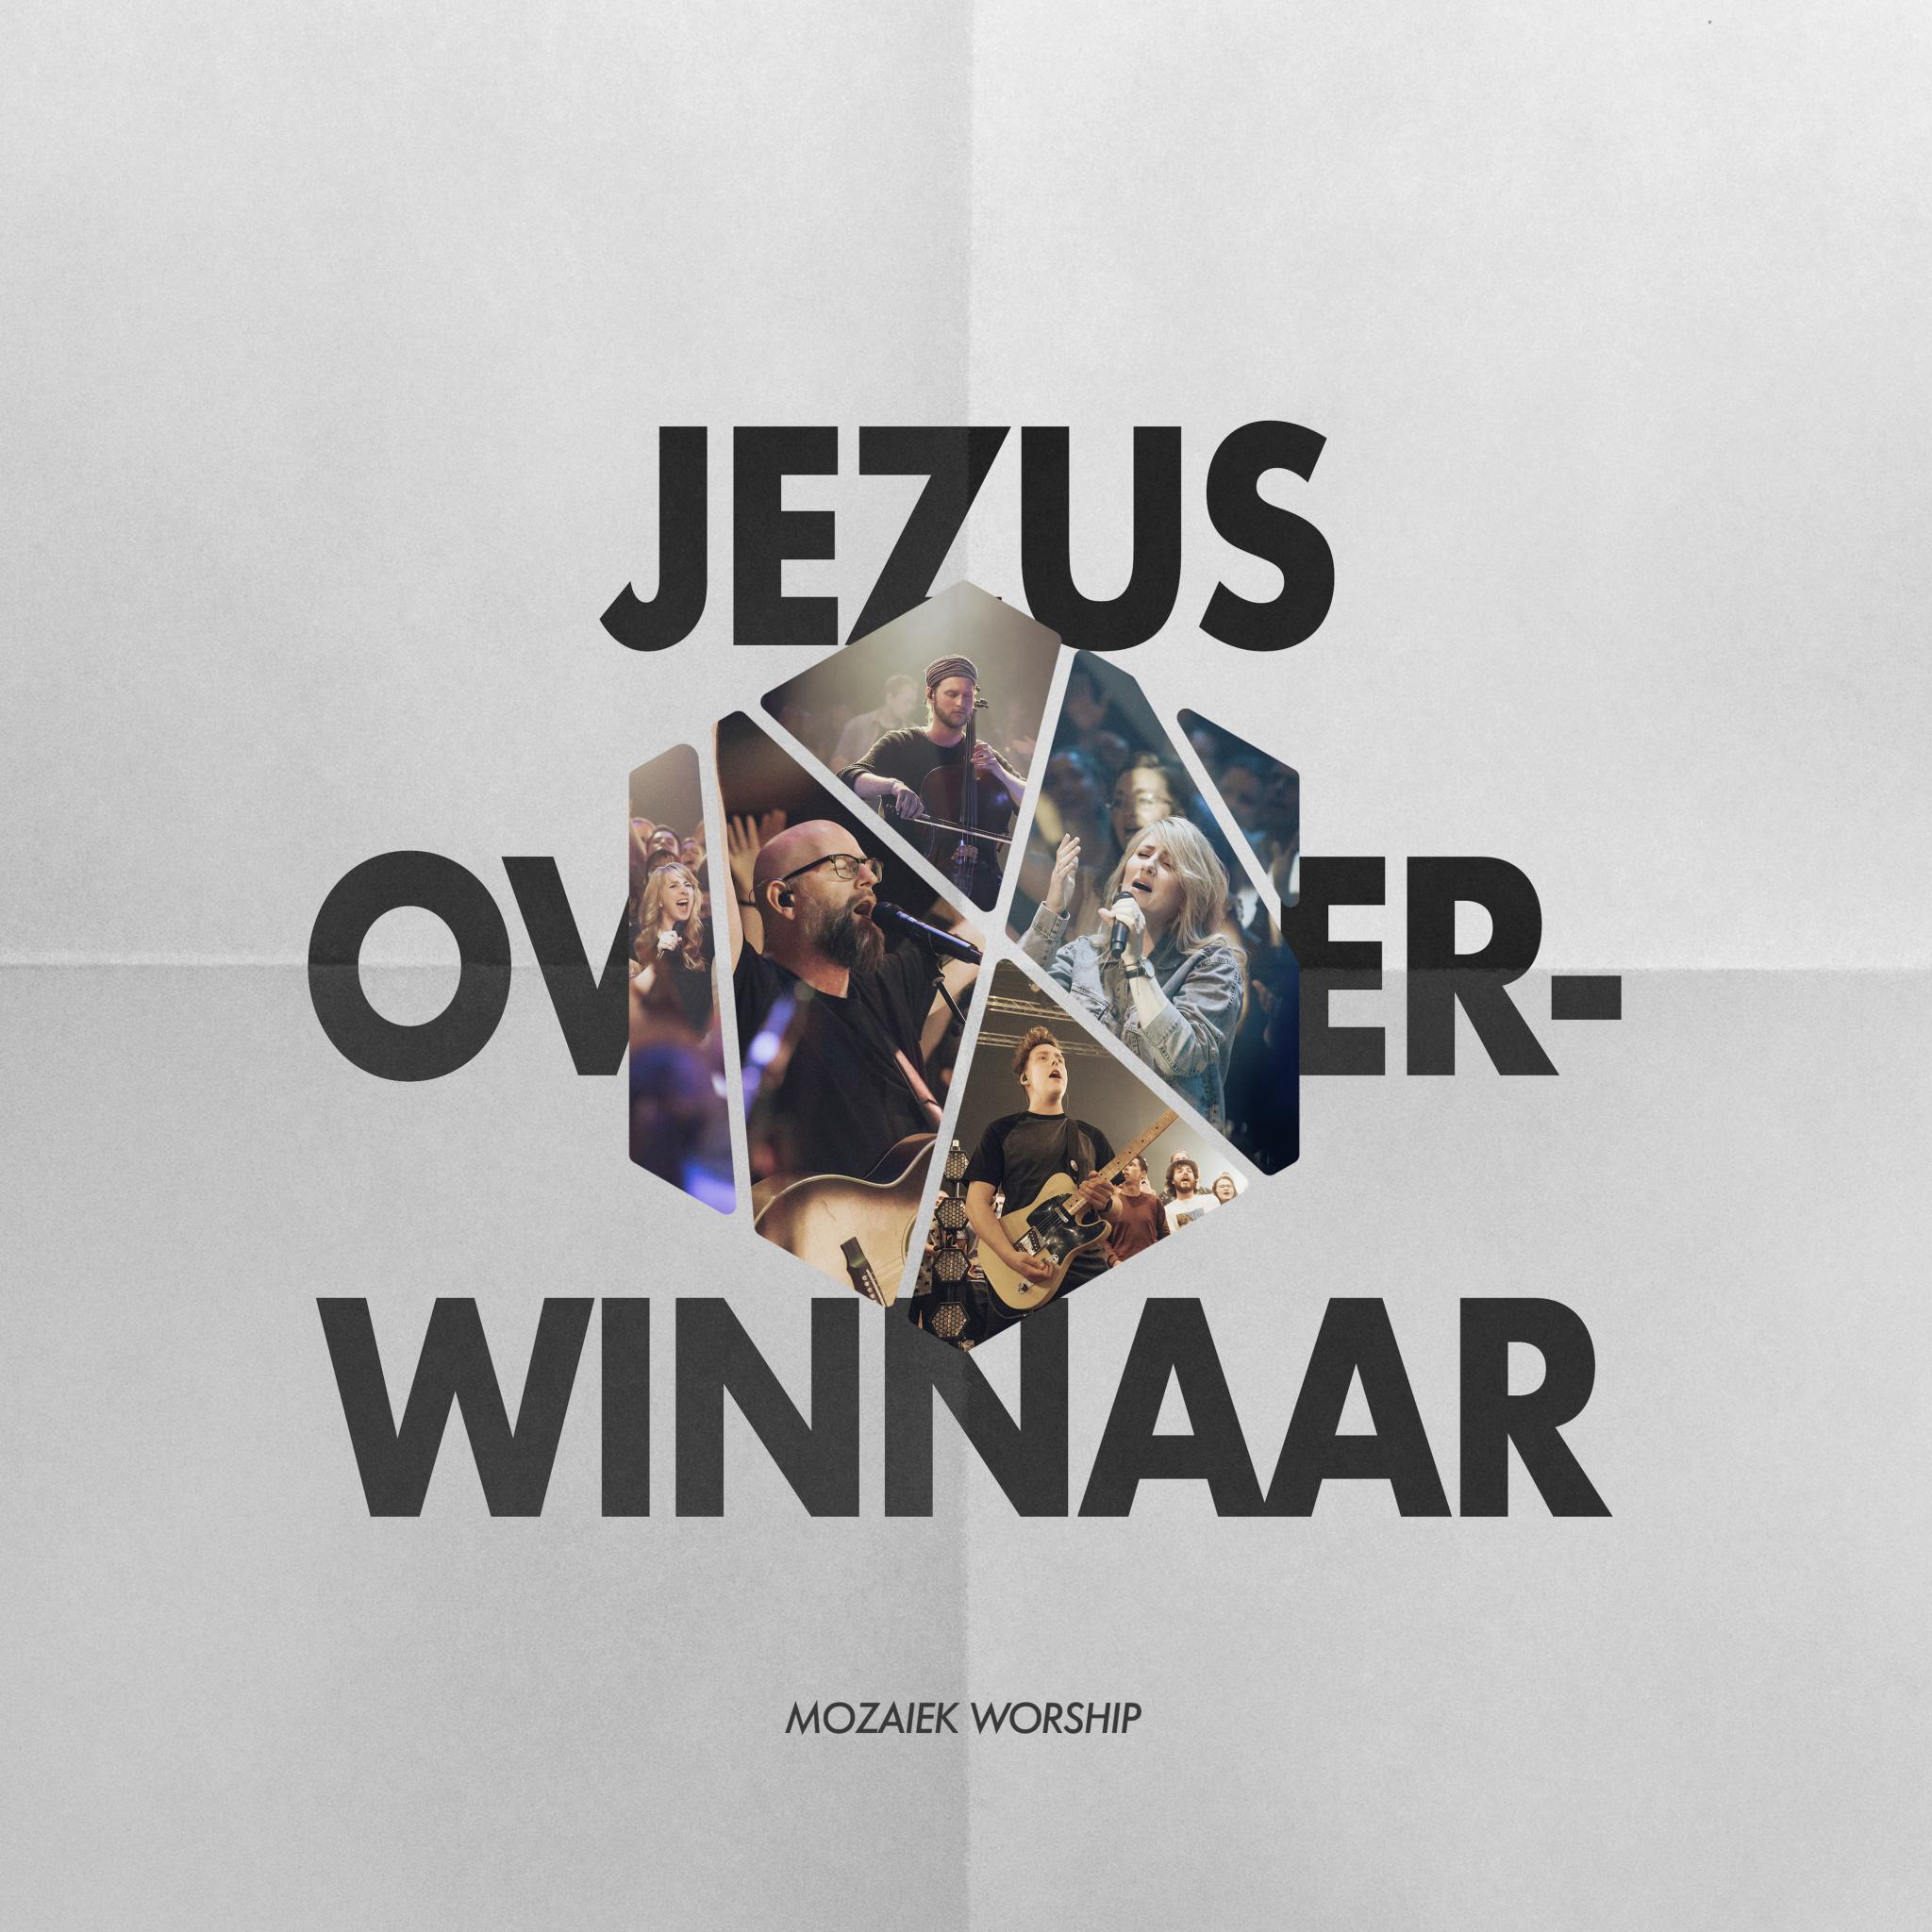 Jezus Overwinnaar